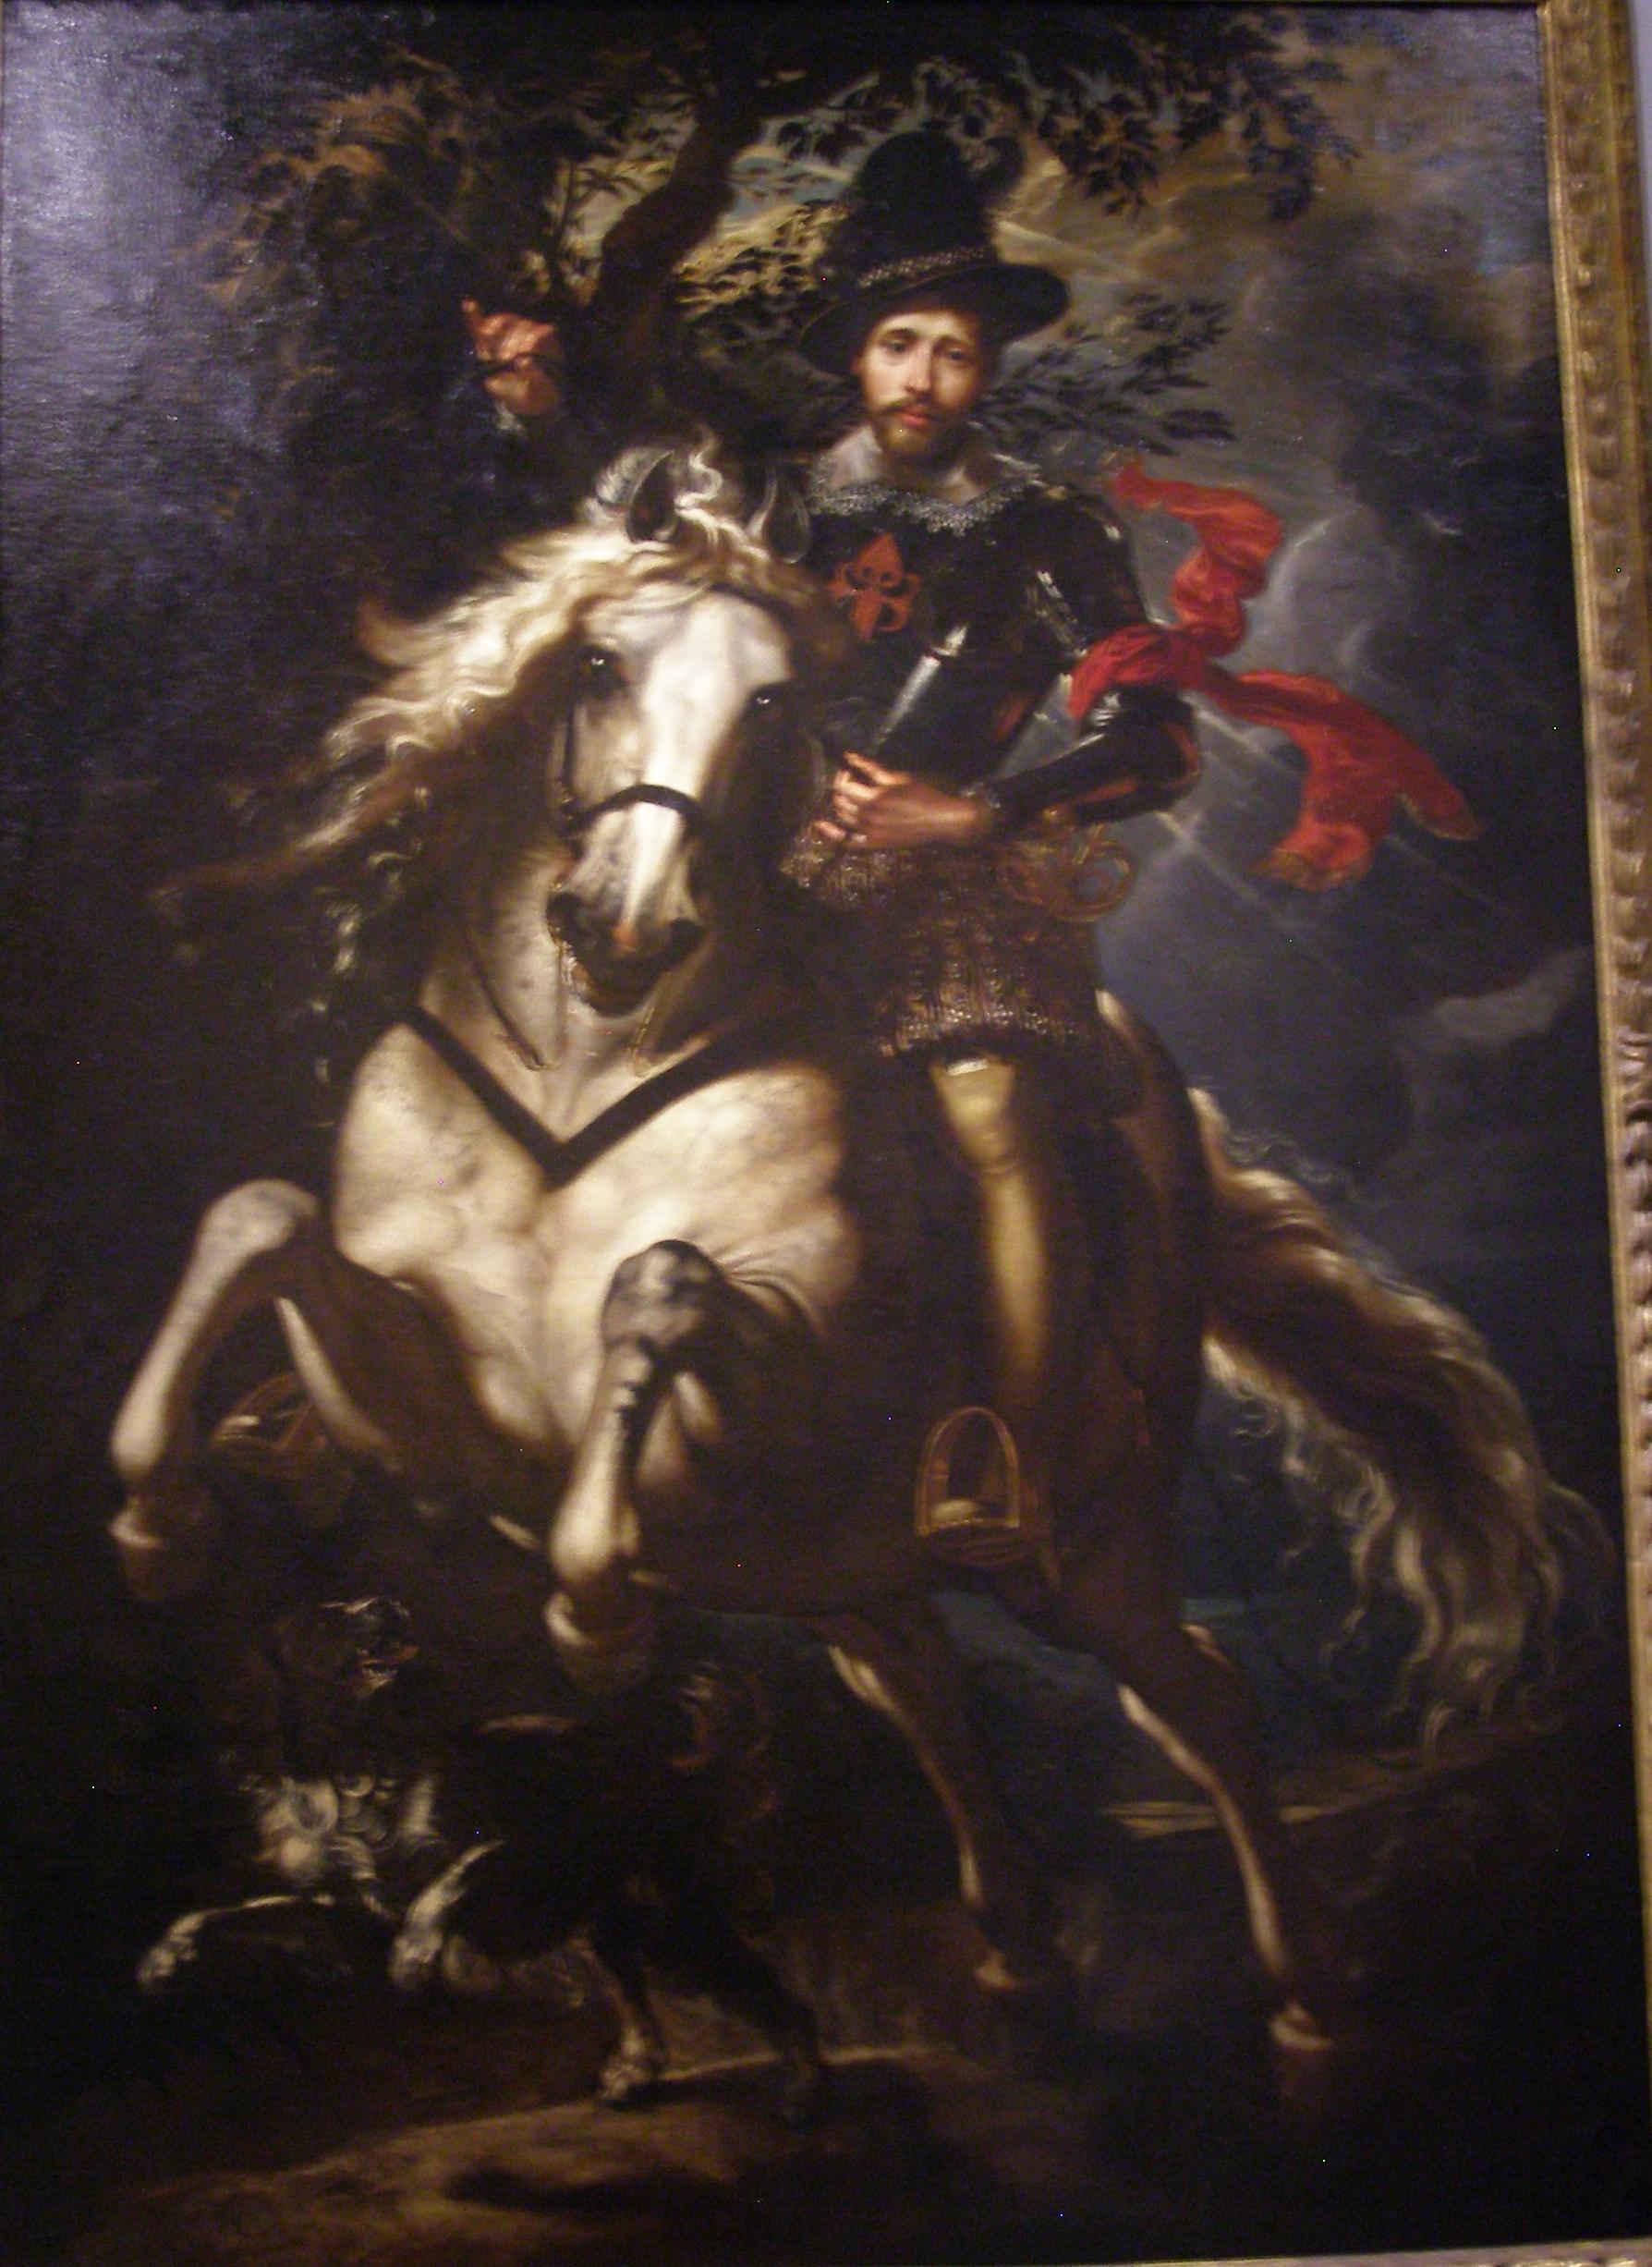 Peter Paul Rubens. Adorazione dei pastori, 1608. Olio su tela, cm 300×192. Fermo, Pinacoteca Civica. Foto: Daniele Maiani